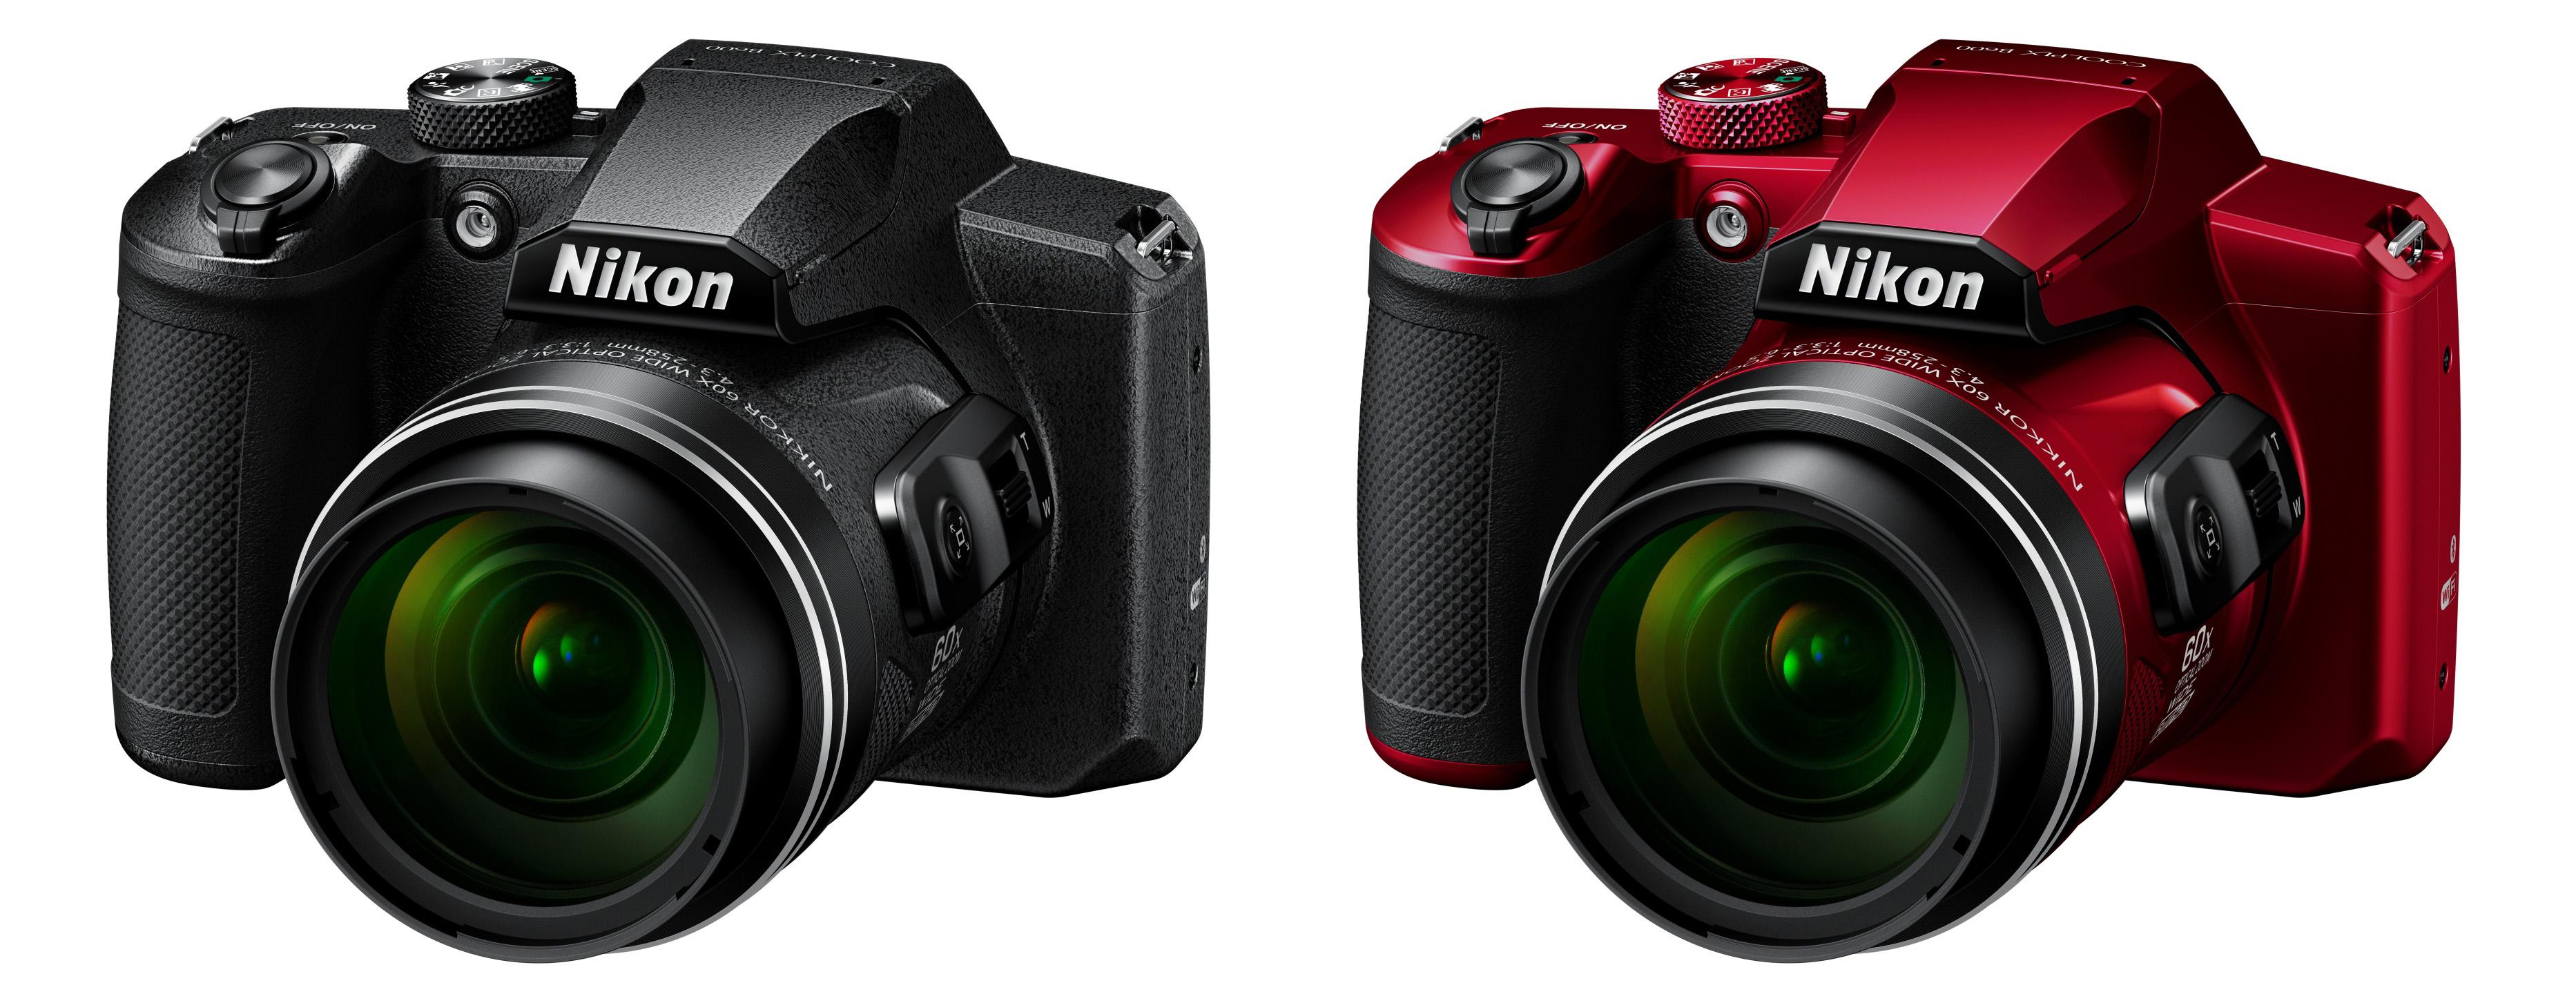 Je libo celočerný Coolpix B600 nebo se vám více líbí červený s černými doplňky?